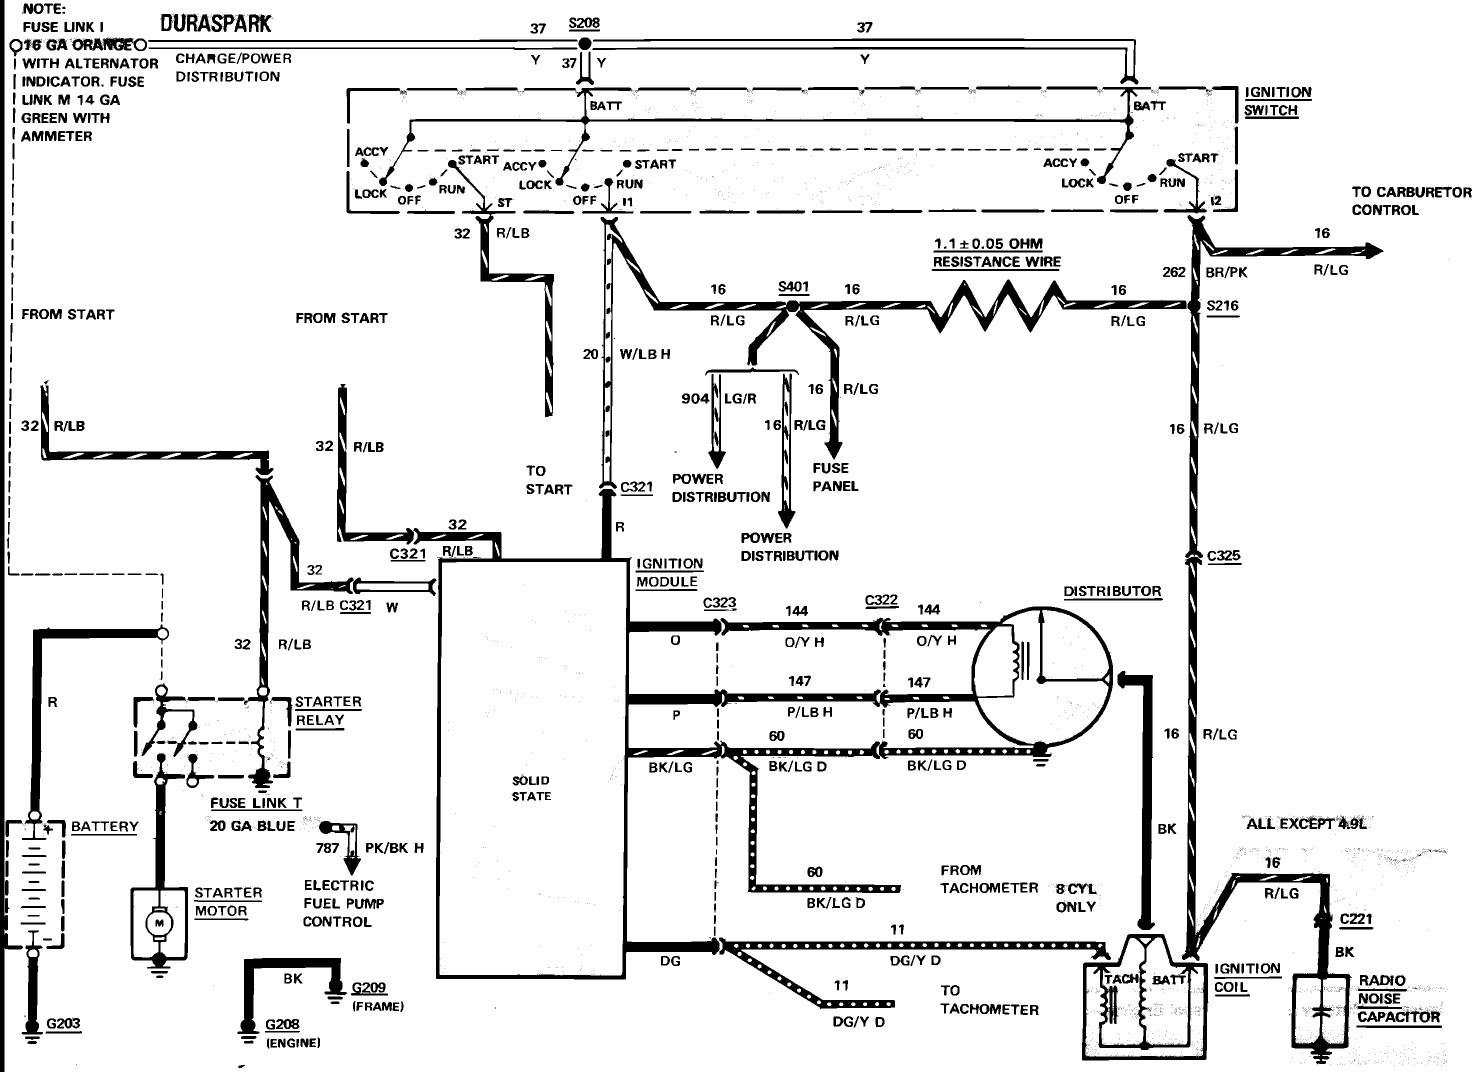 04 f250 Schema moteur